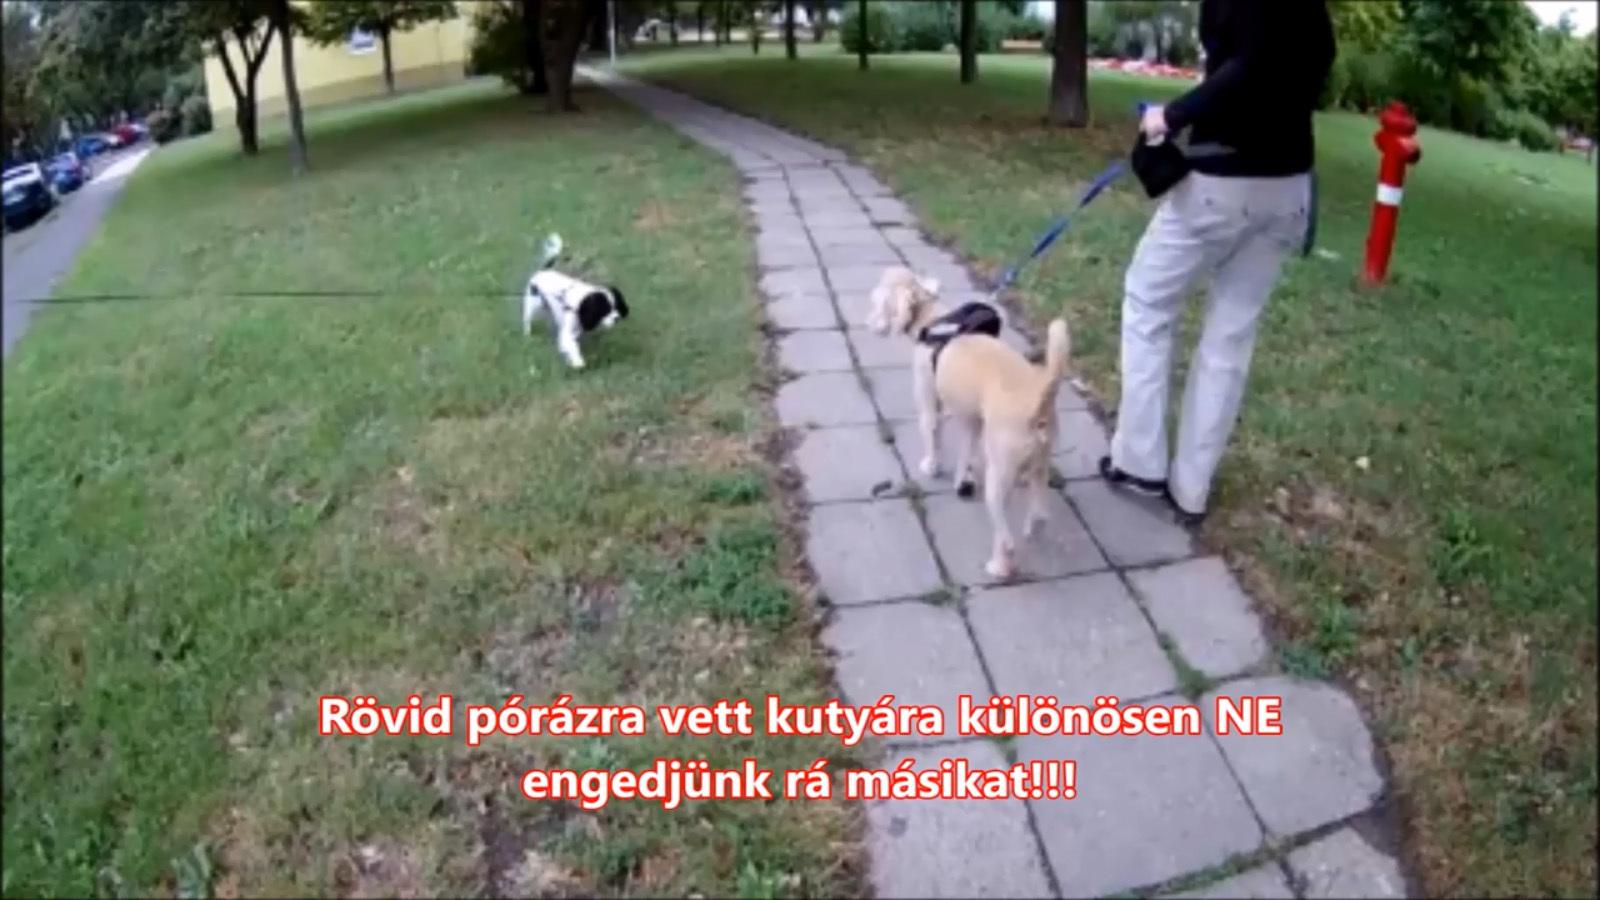 Nem véletlenül van a kutya rövid pórázra fogva: vegyük észre, hogy nem kívánják a társaságot!